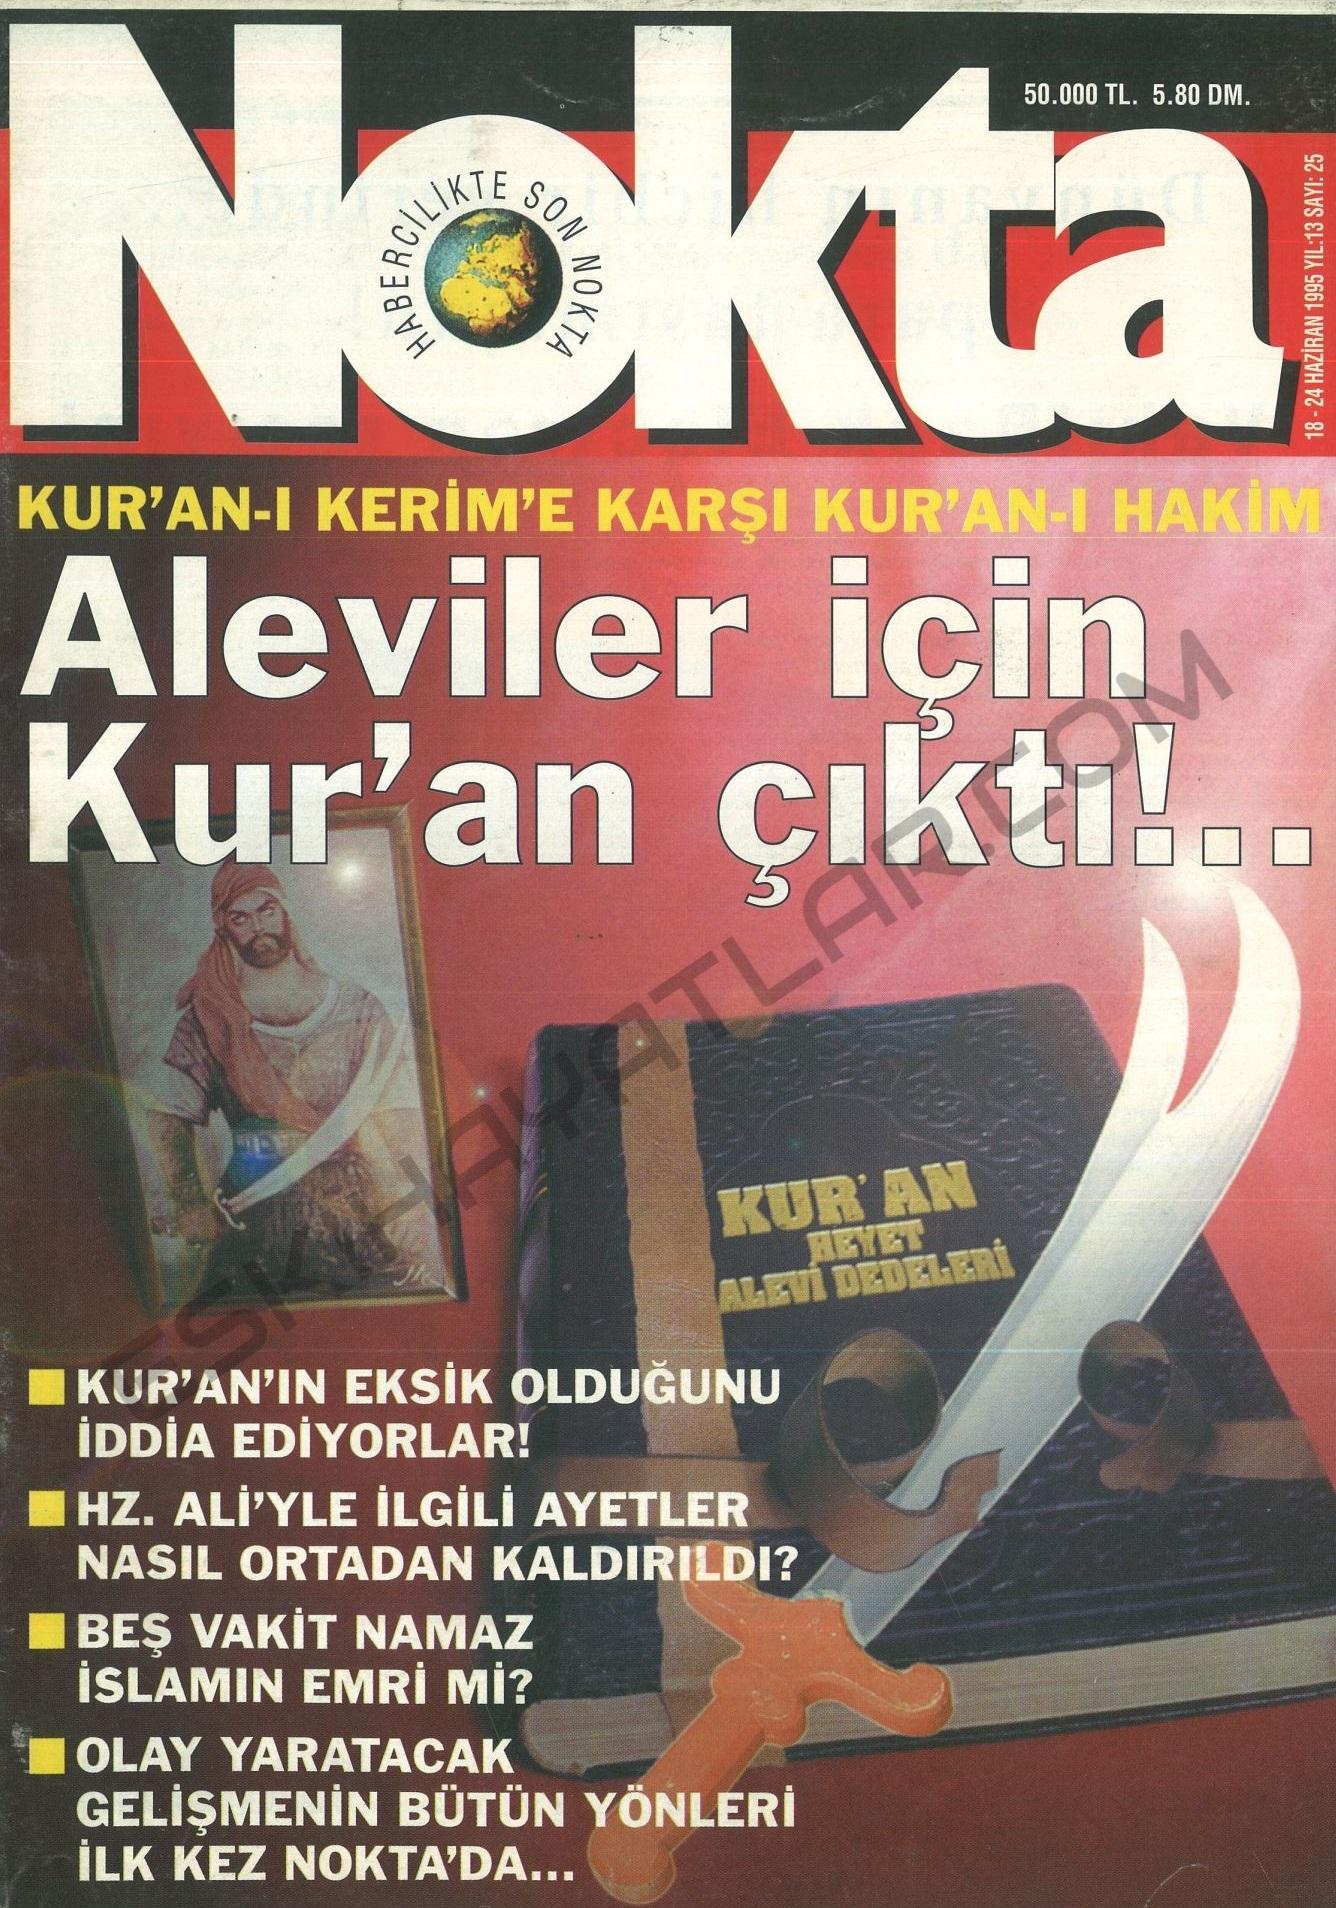 alevi-kurani-yazari-nazmi-nizami-sakallioglu-alevi-yazar-ali-balkiz-dabbetul-arz-nokta-dergisi-arsivleri (9)